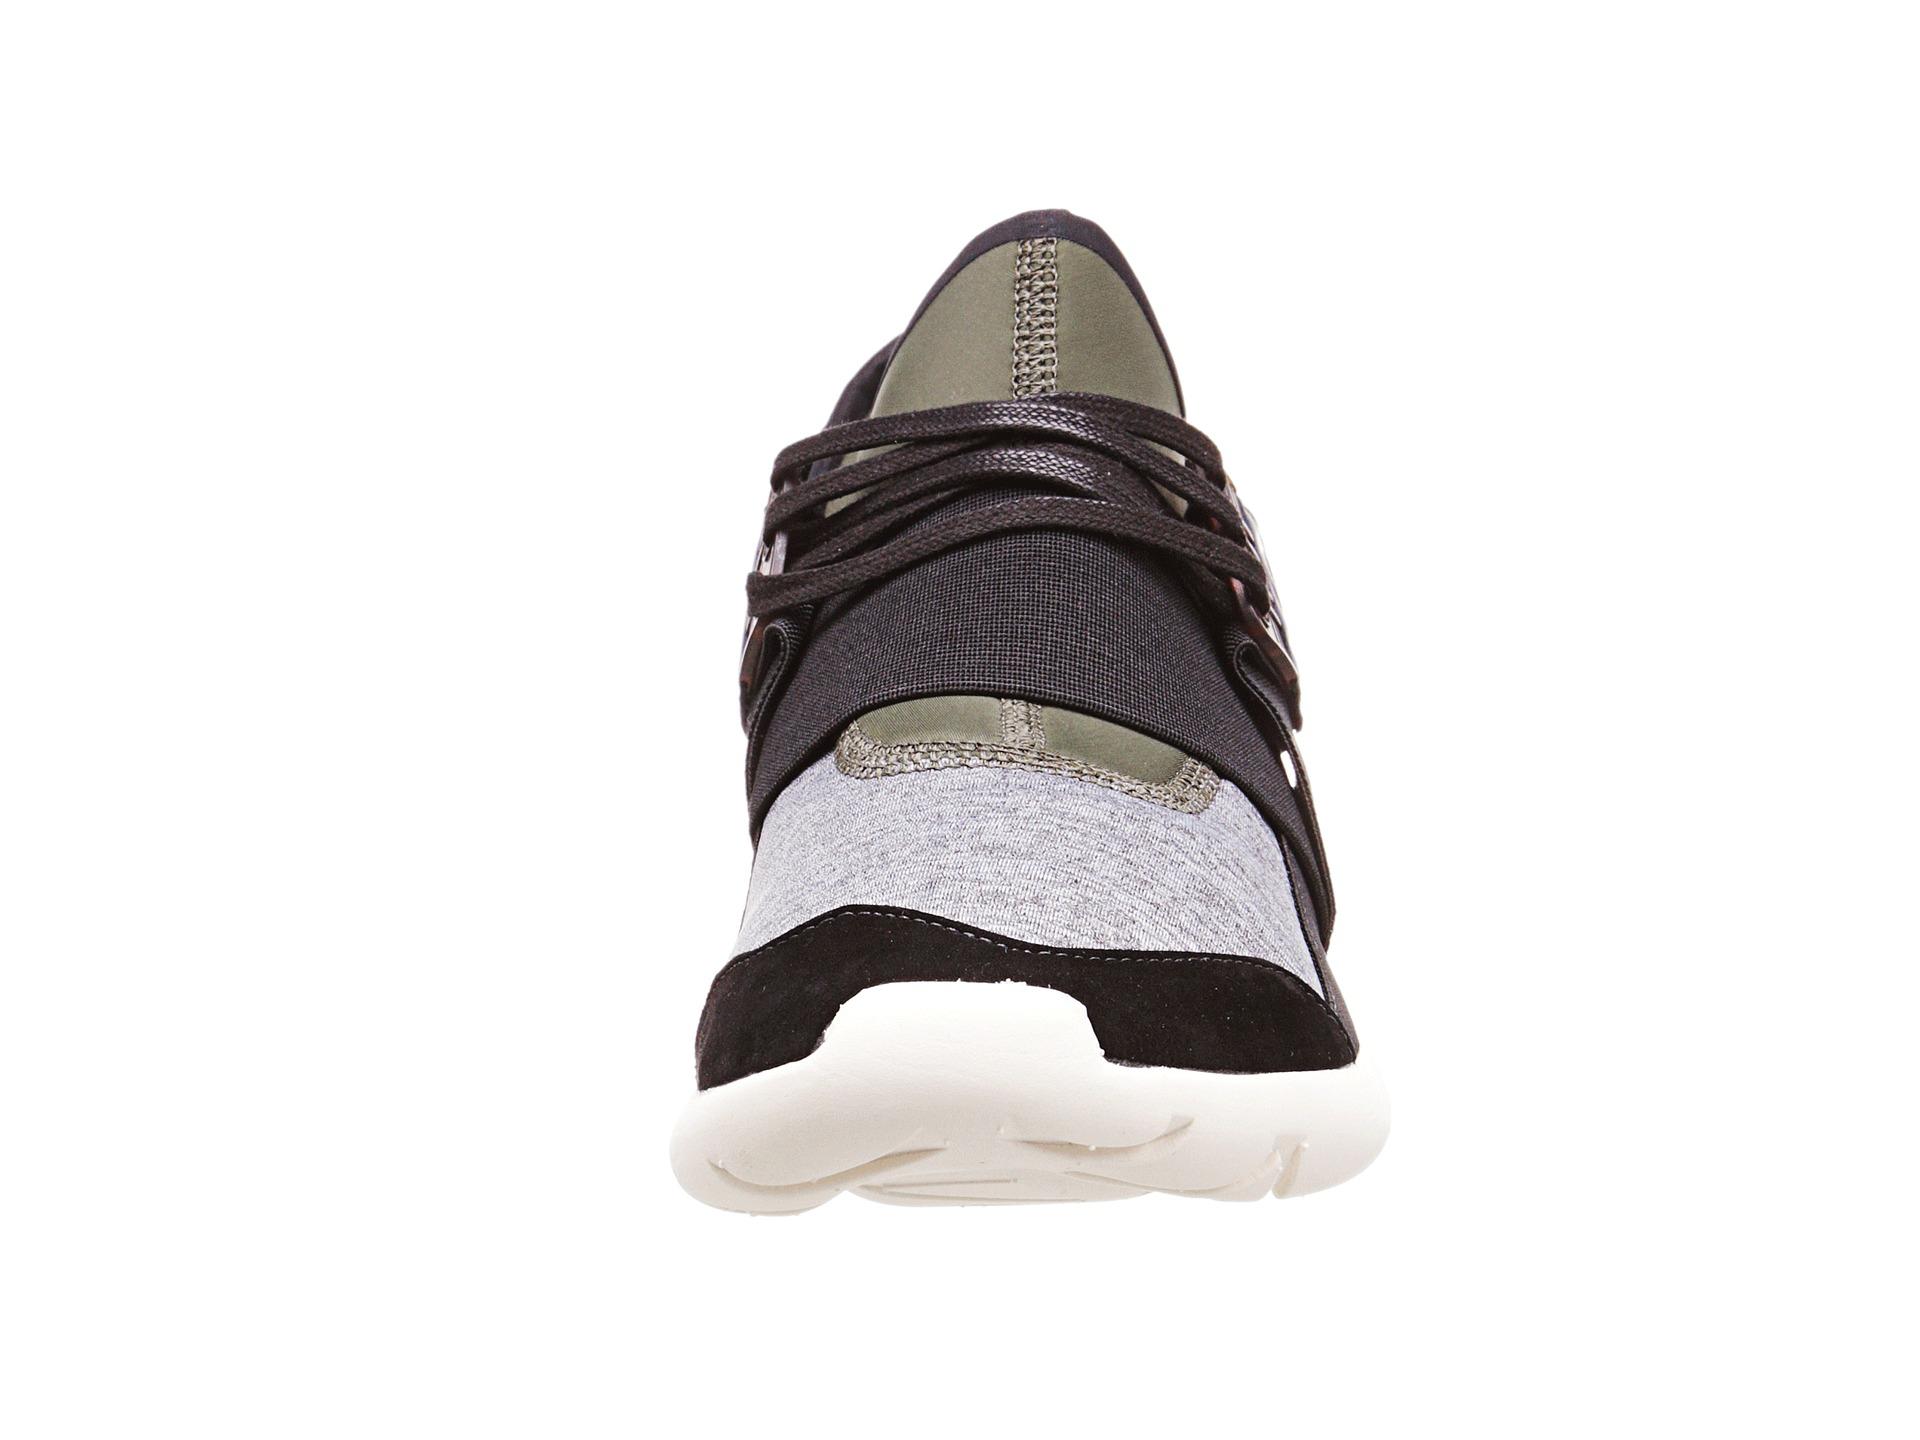 adidas originali y 3 qasa elle lace sera carico tutti i neri e scarpe